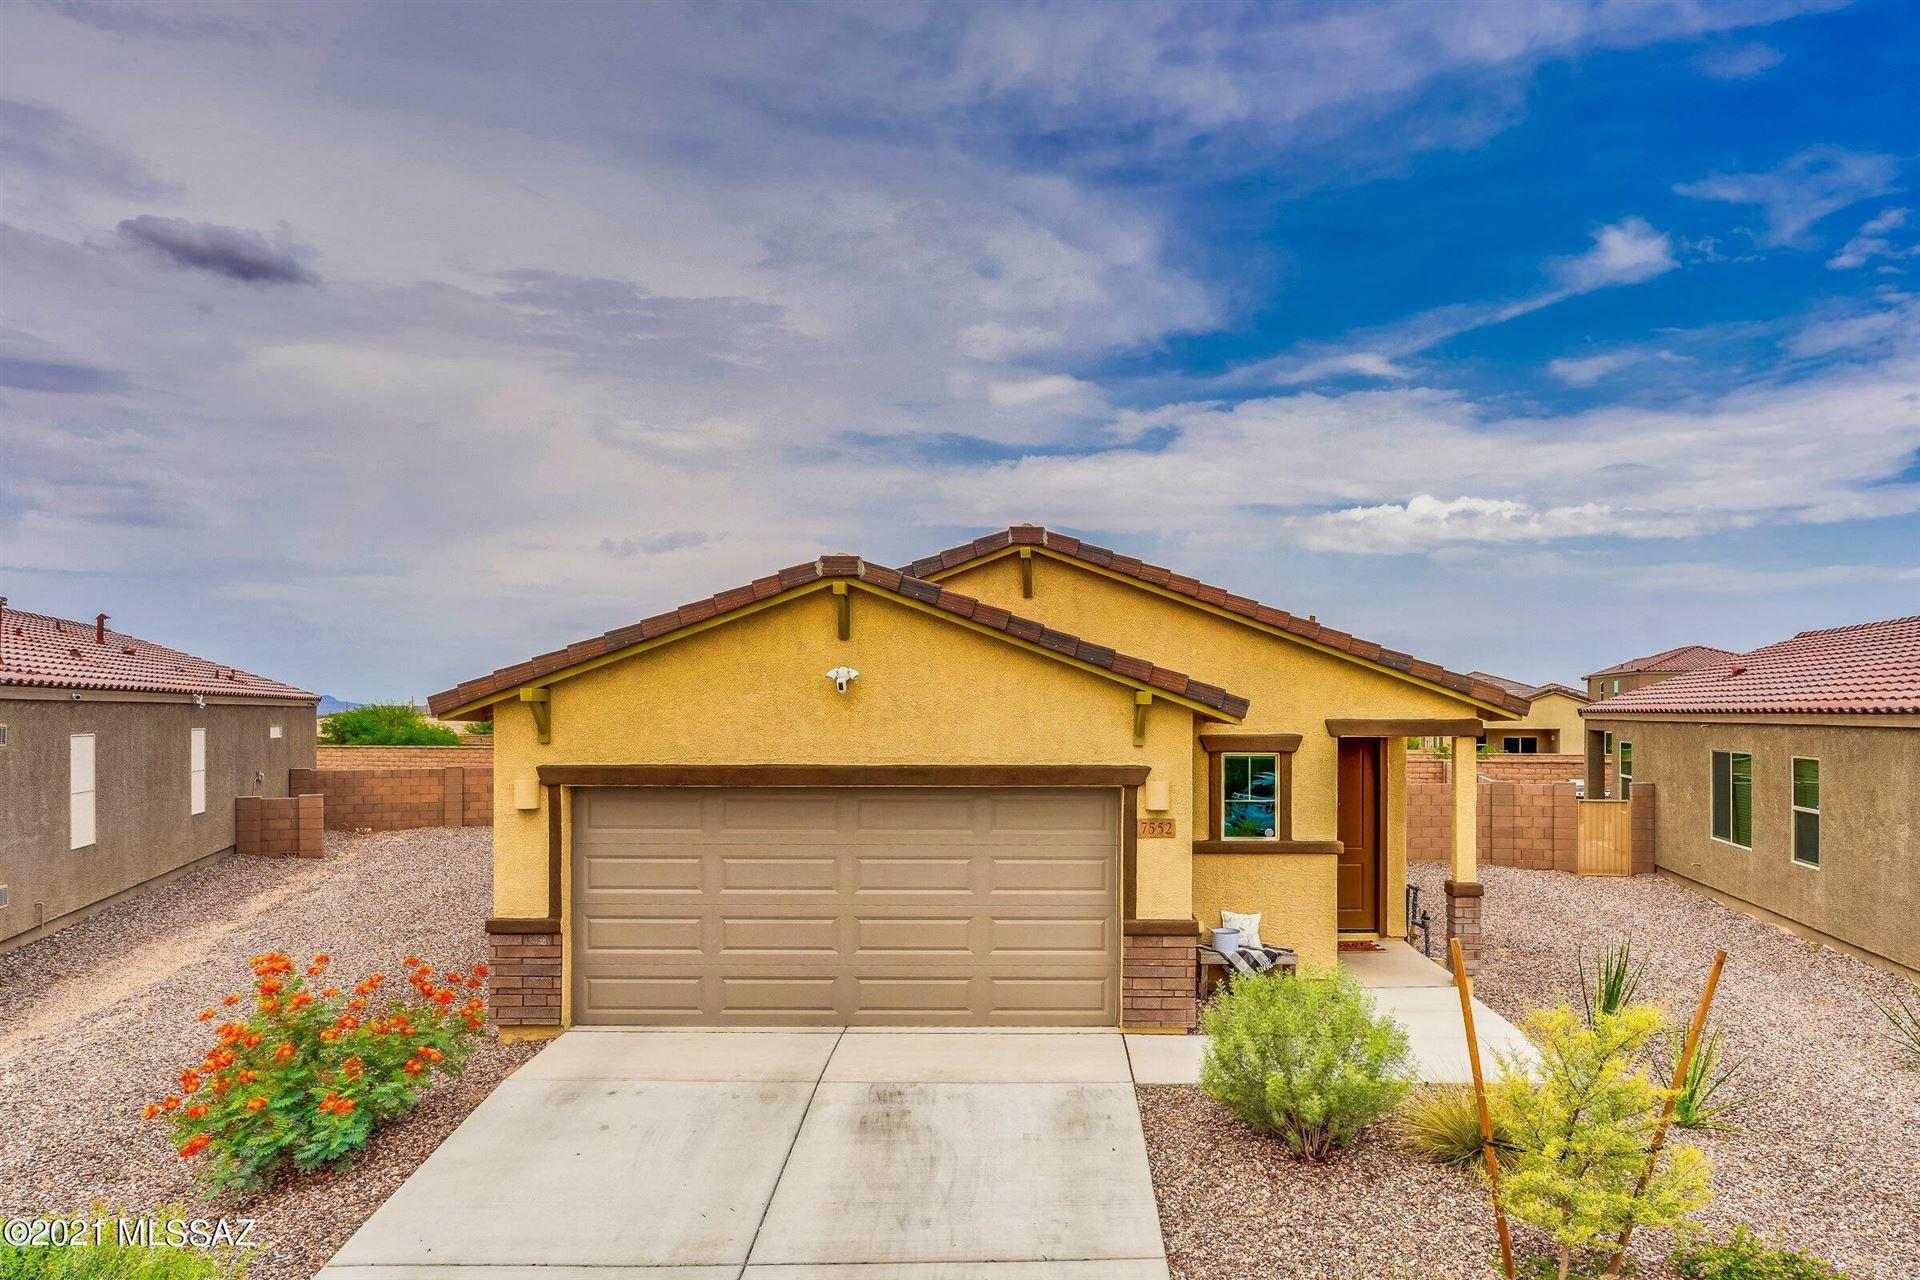 7552 S Circulo Rio Blanco, Tucson, AZ 85756 - MLS#: 22119029